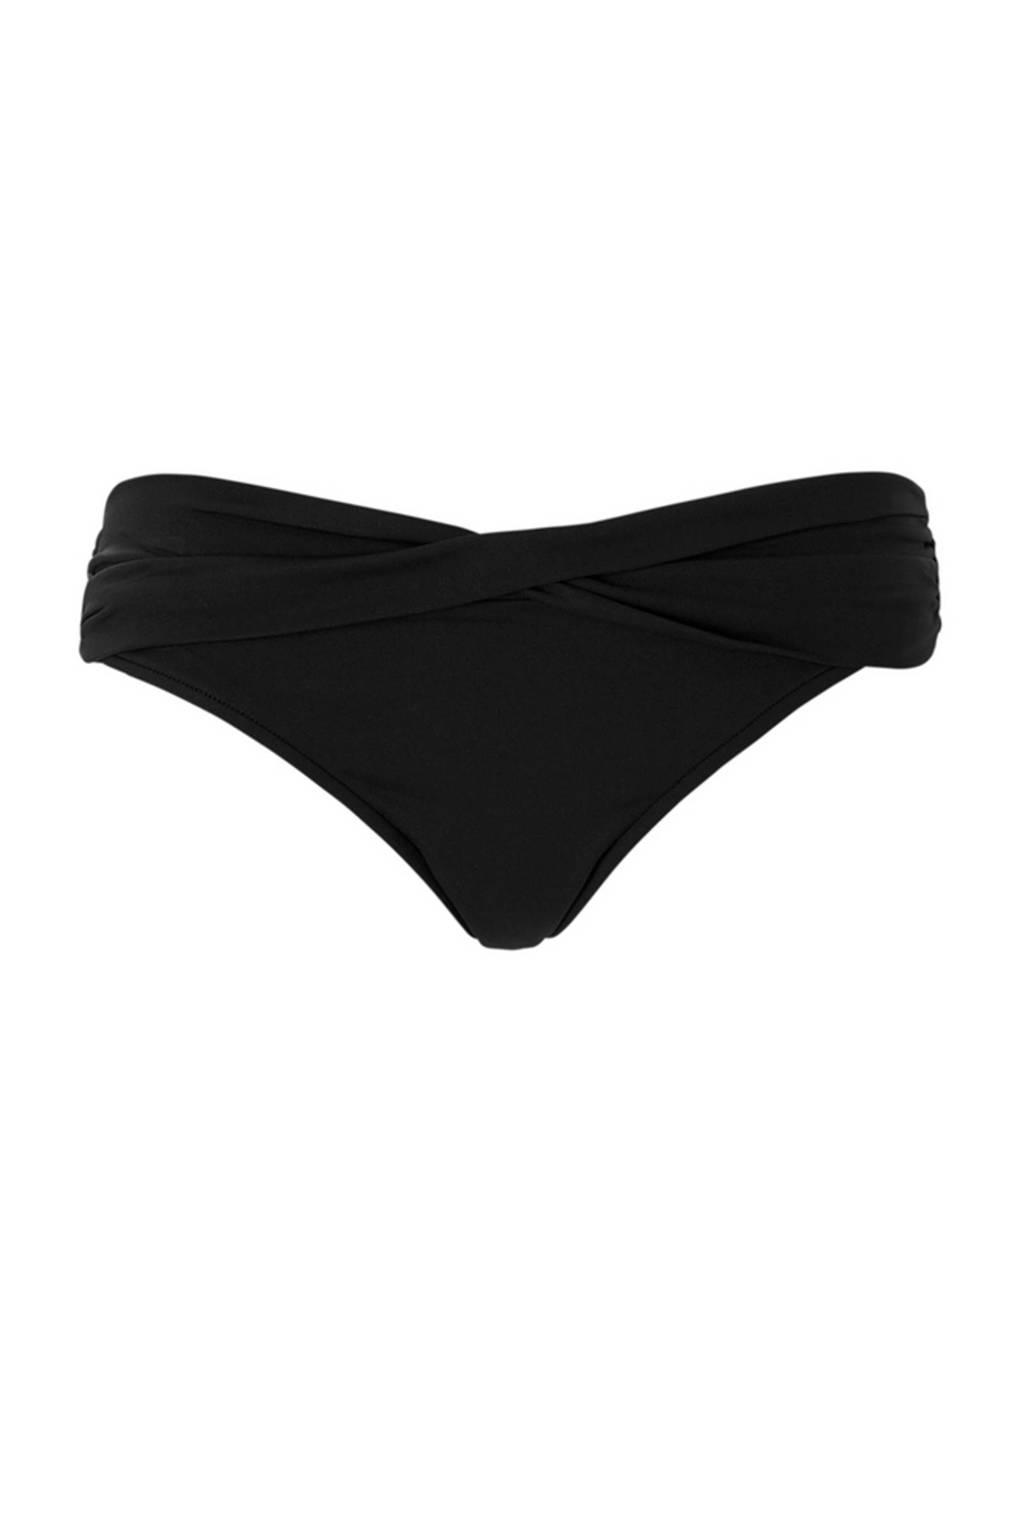 Seafolly bikinibroekje, Zwart